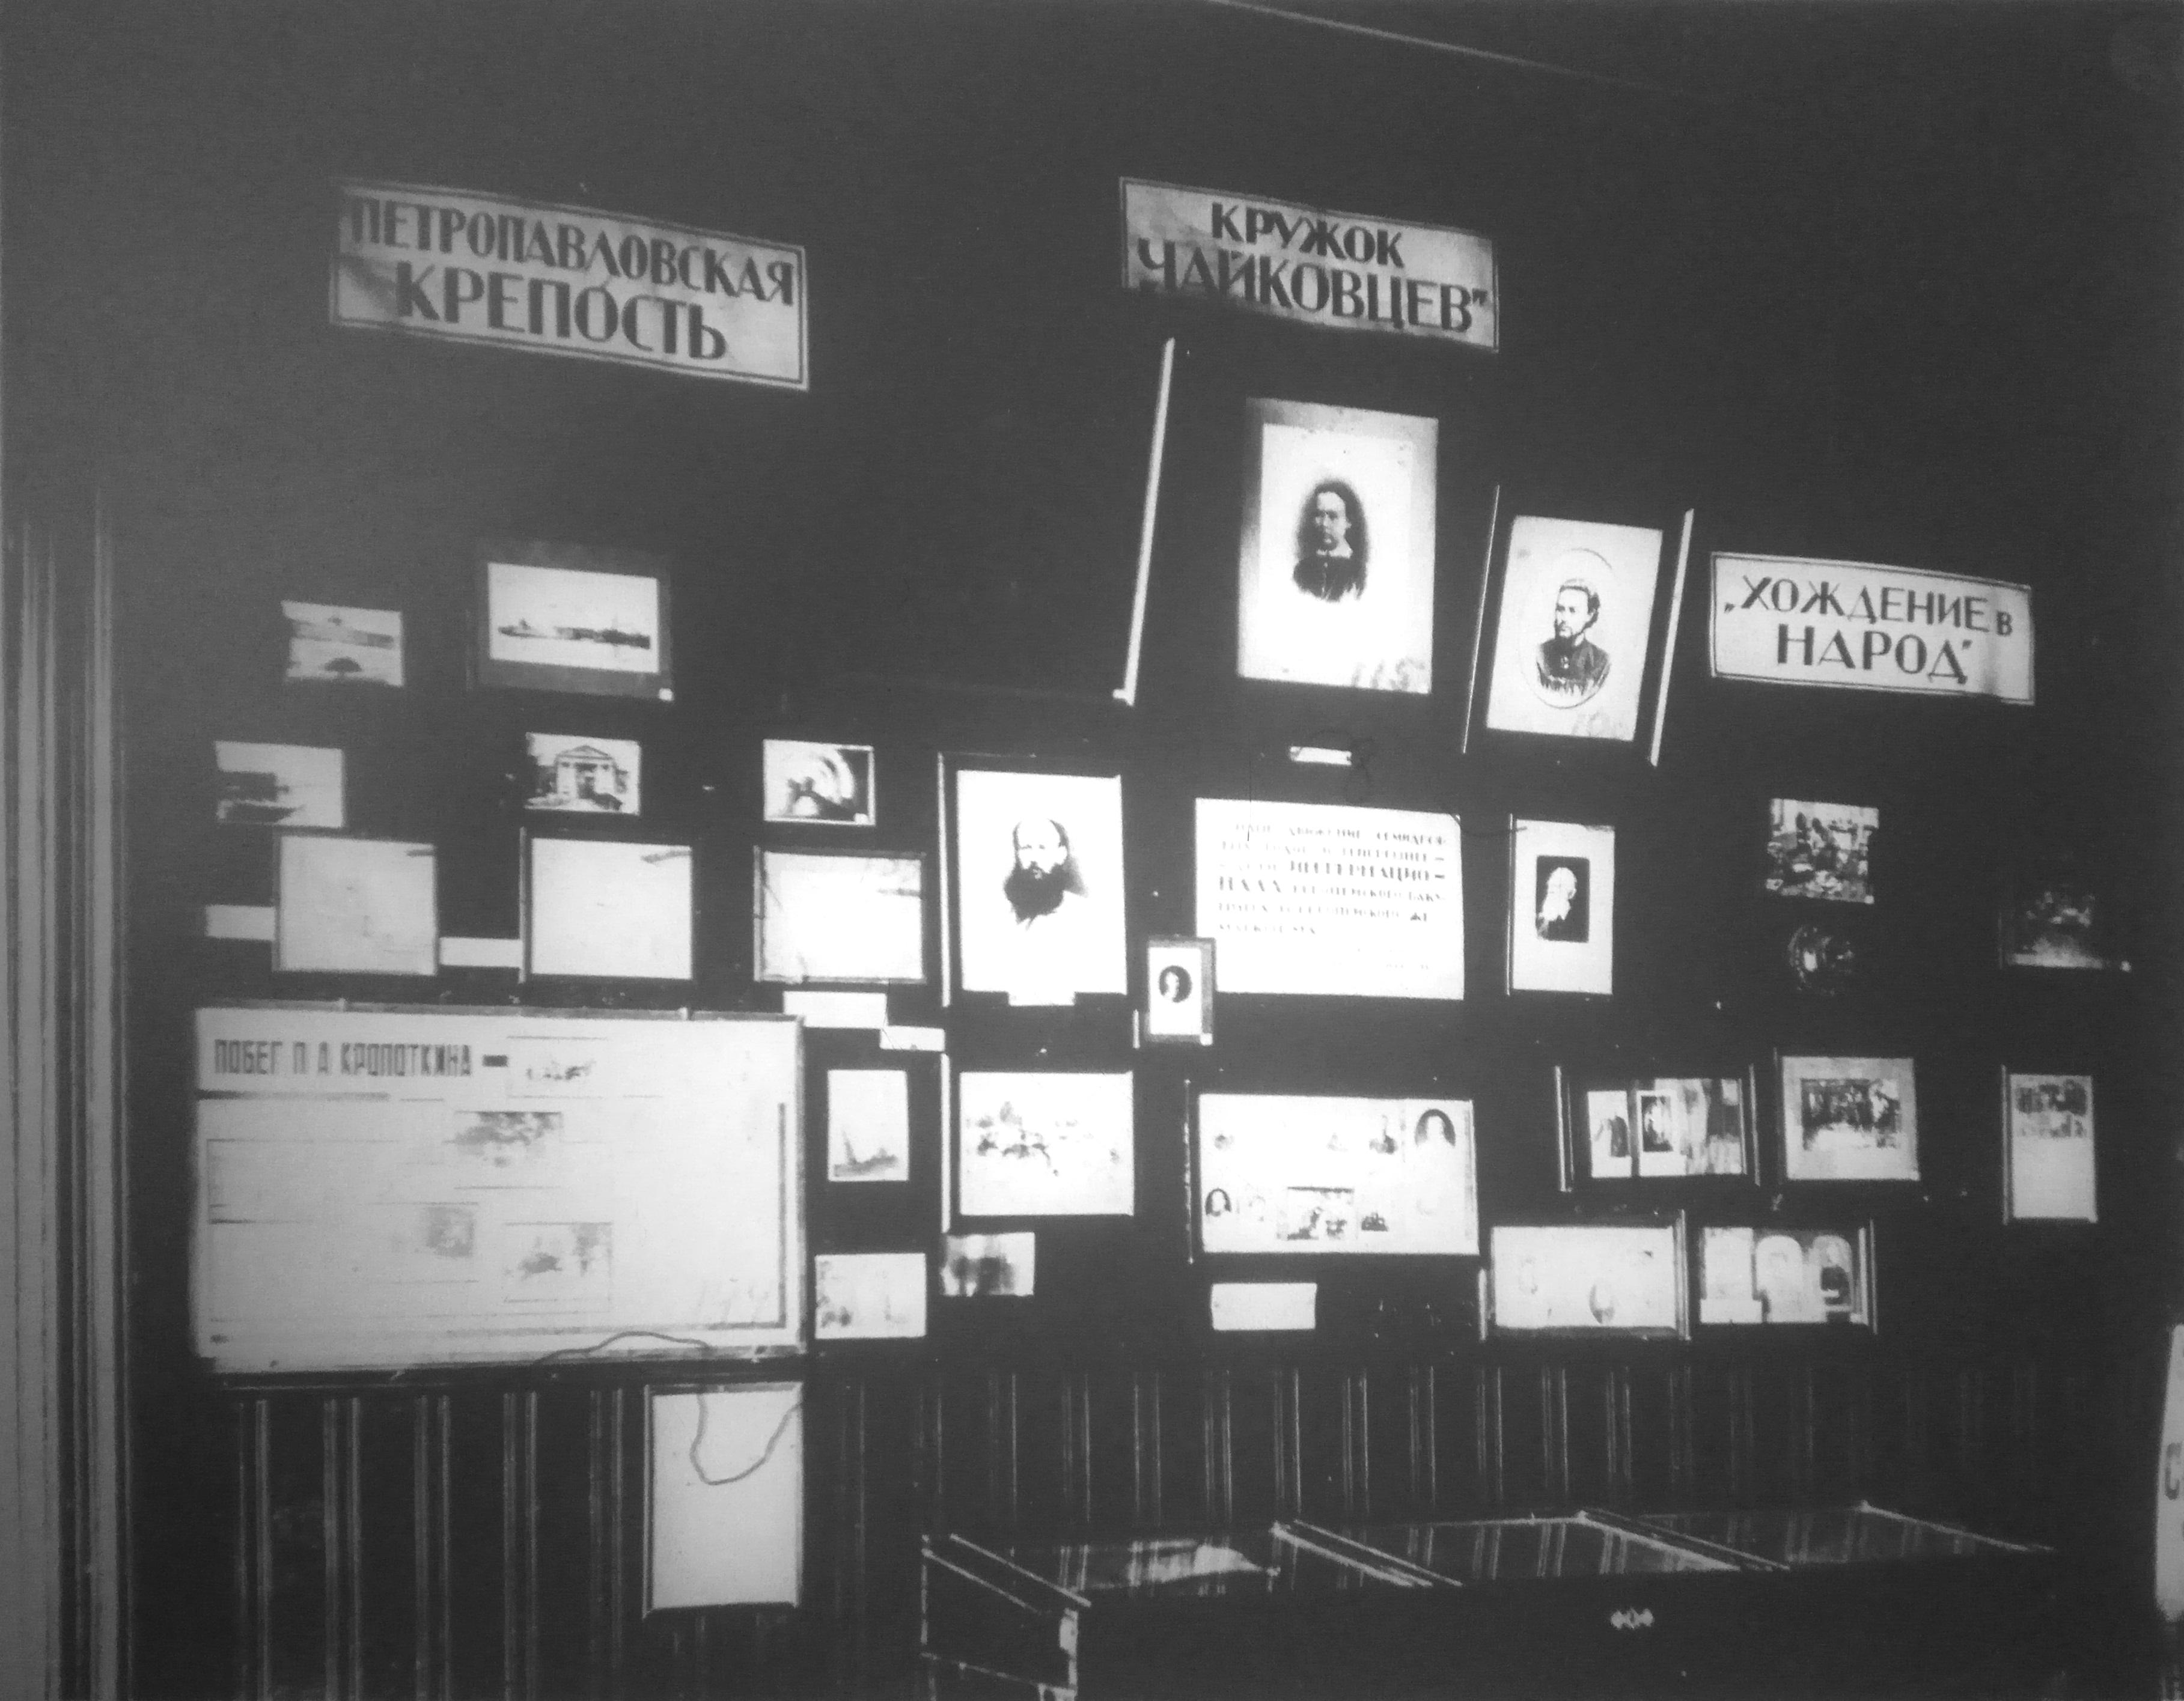 Экспозиции Музея П.А.Кропоткина посвященные Кружку Чайковцев, Хжддению в народ и Петропавловской крепости